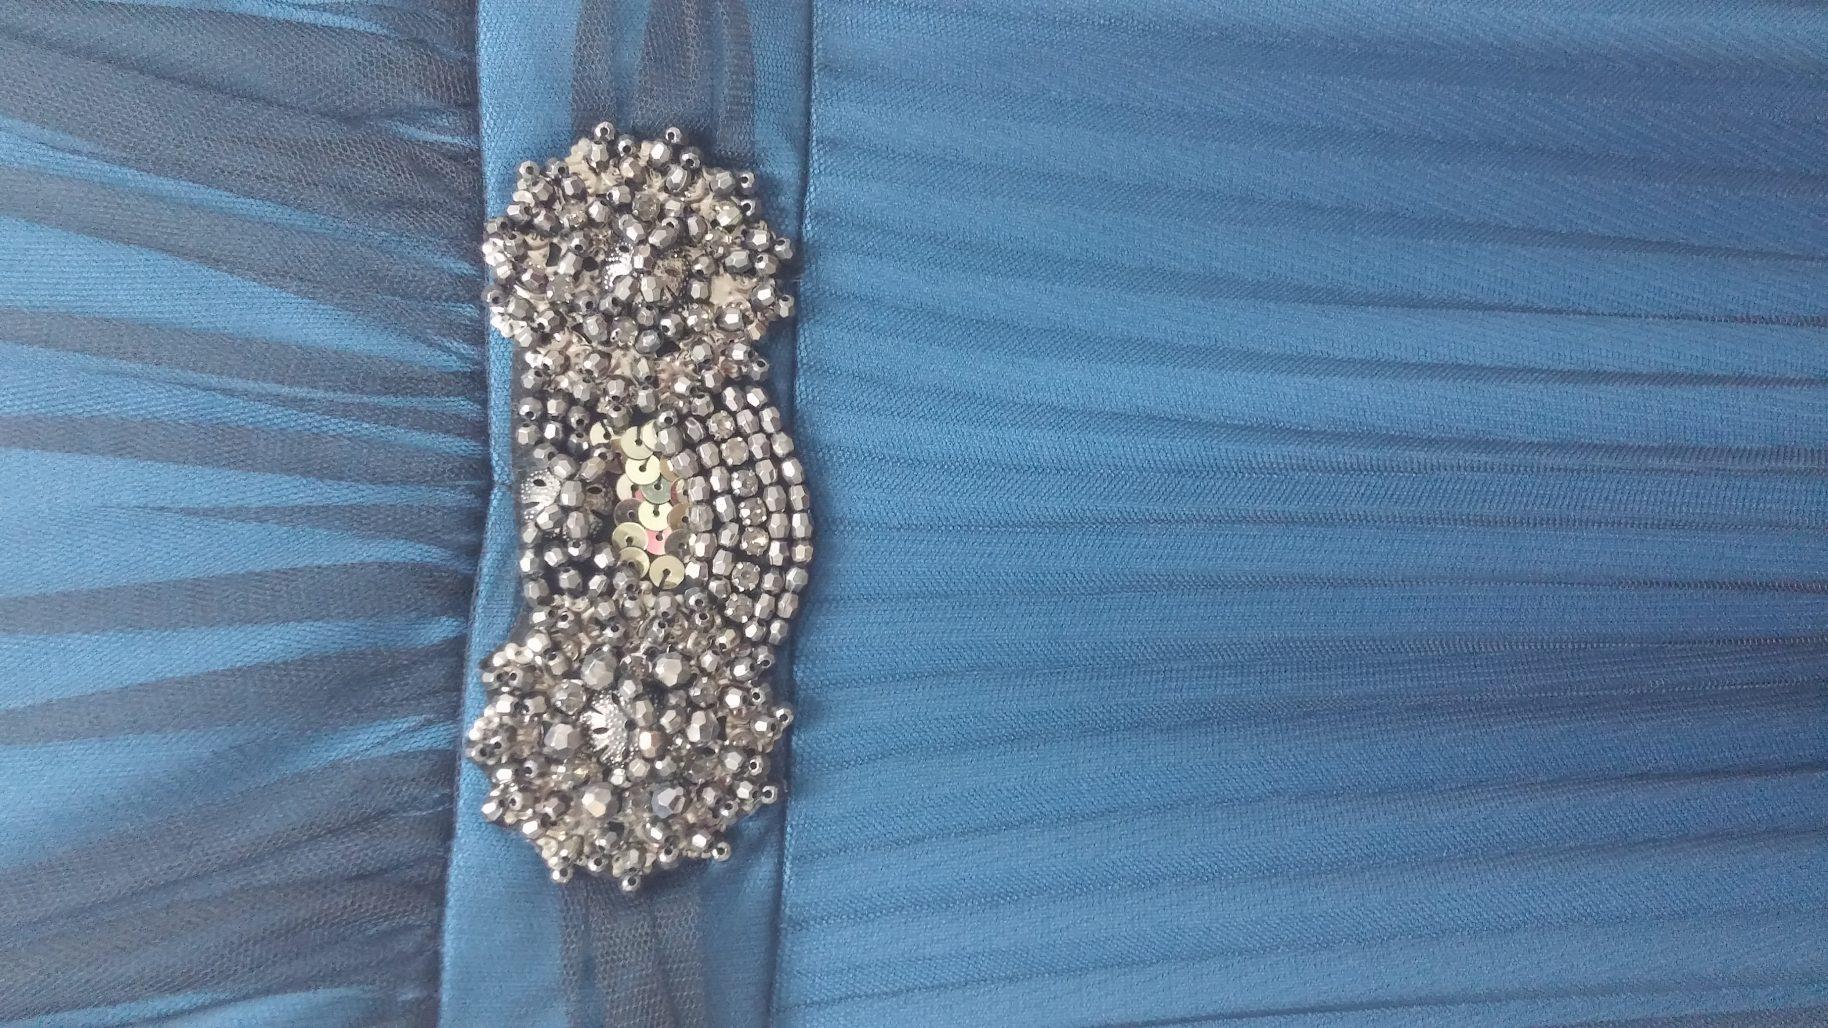 תמונות נוספות של שמלת ערב משגעת